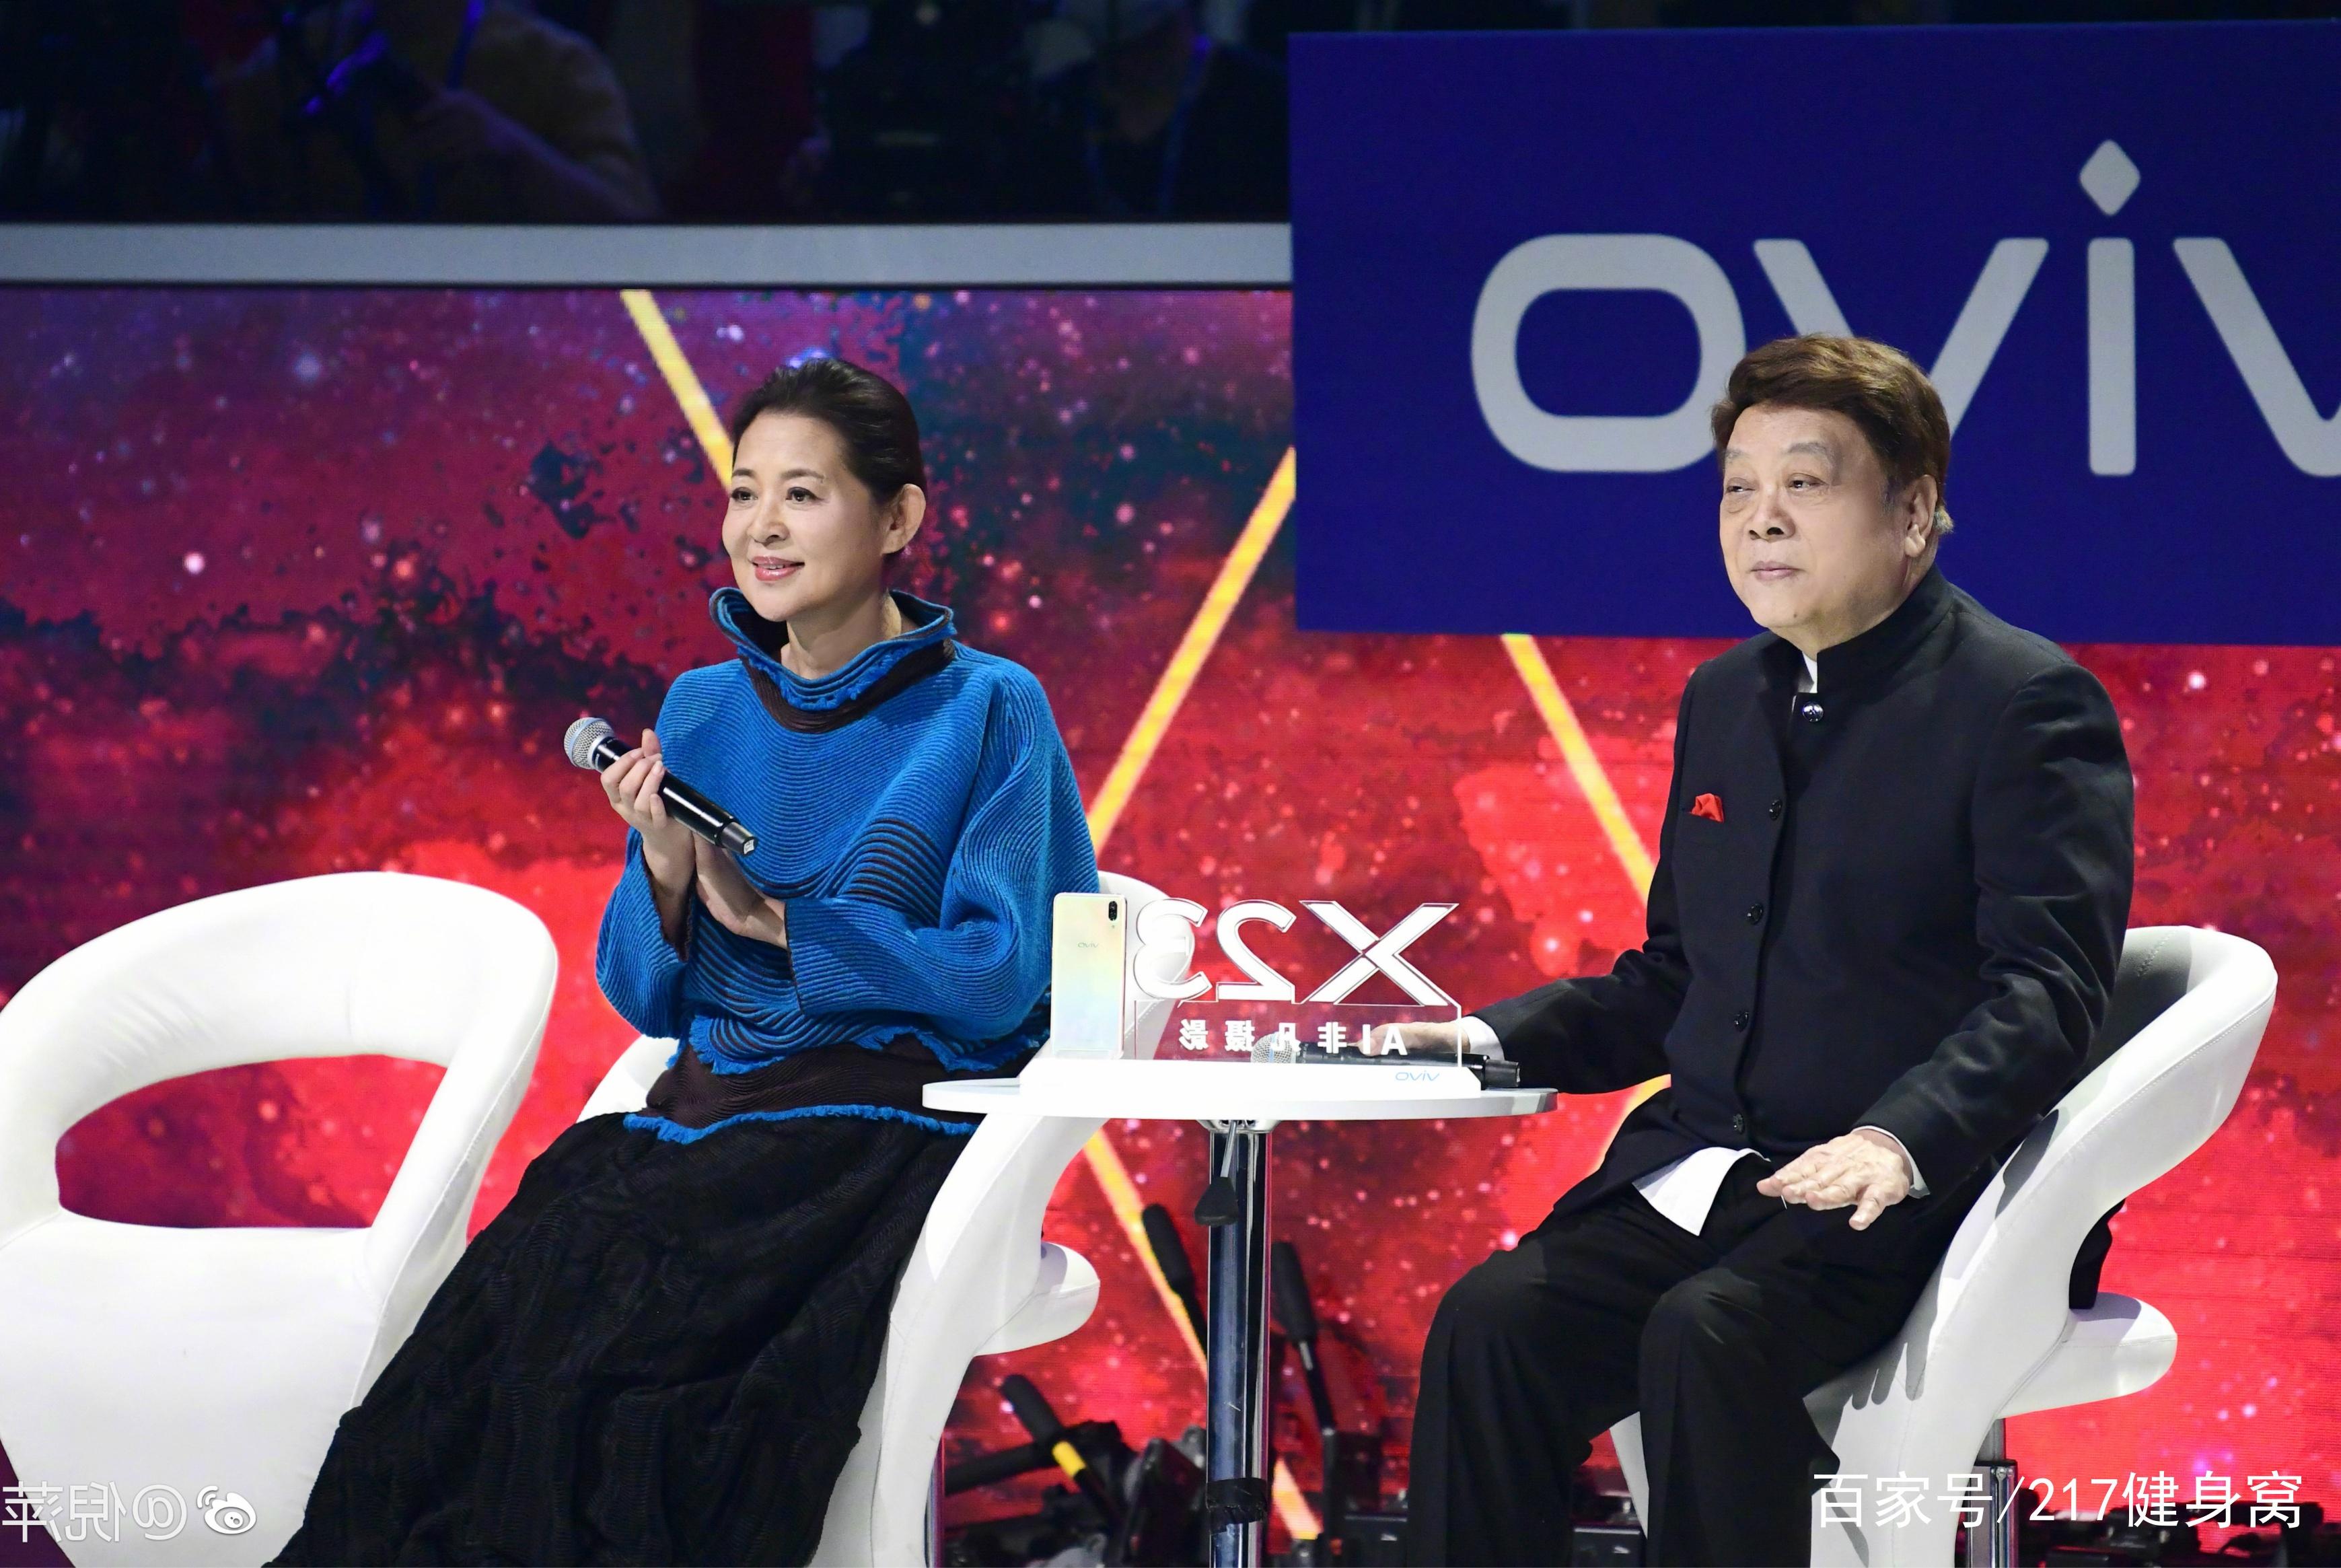 倪萍参加《吐槽大会》和《王牌》前后对比就知道,减肥真的显年轻